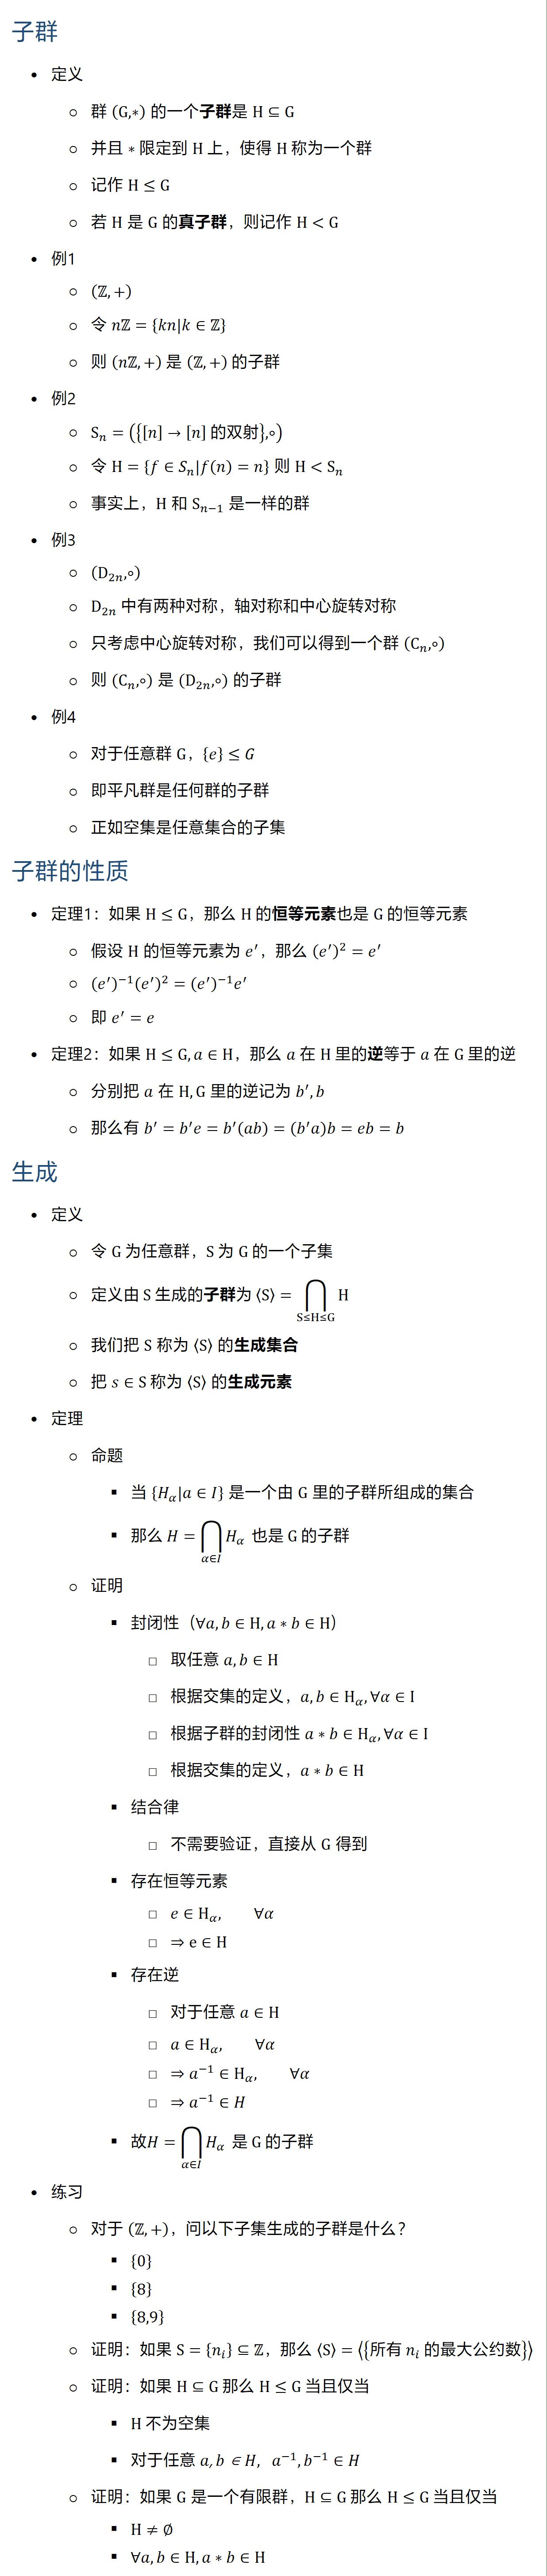 子群 • 定义 ○ 群 (G,∗) 的一个子群是 H⊆G ○ 并且 ∗ 限定到 H 上,使得 H 称为一个群 ○ 记作 H≤G ○ 若 H 是 G 的真子群,则记作 H<G • 例1 ○ (Z+) ○ 令 nZ={kn|k∈Z ○ 则 (nZ+) 是 (Z+) 的子群 • 例2 ○ S_n=({[n]→[n] 的双射},∘) ○ 令 H={f∈S_n |f(n)=n} 则 H<S_n ○ 事实上,H 和 S_(n−1) 是一样的群 • 例3 ○ (D_2n,∘) ○ D_2n 中有两种对称,轴对称和中心旋转对称 ○ 只考虑中心旋转对称,我们可以得到一个群 (C_n,∘) ○ 则 (C_n,∘) 是 (D_2n,∘) 的子群 • 例4 ○ 对于任意群 G,{e}≤G ○ 即平凡群是任何群的子群 ○ 正如空集是任意集合的子集 子群的性质 • 定理1:如果 H≤G,那么 H 的恒等元素也是 G 的恒等元素 ○ 假设 H 的恒等元素为 e^′,那么 (e^′ )^2=e^′ ○ 〖(e^′ )^(−1) (e^′ )〗^2=(e^′ )^(−1) e^′ ○ 即 e^′=e • 定理2:如果 H≤G, a∈H,那么 a 在 H 里的逆等于 a 在 G 里的逆 ○ 分别把 a 在 H,G 里的逆记为 b^′,b ○ 那么有 b^′=b^′ e=b^′ (ab)=(b^′ a)b=eb=b 生成 • 定义 ○ 令 G 为任意群,S 为 G 的一个子集 ○ 定义由 S 生成的子群为 ⟨S⟩=⋂8_(S≤H≤G)▒H ○ 我们把 S 称为 ⟨S⟩ 的生成集合 ○ 把 s∈S 称为 ⟨S⟩ 的生成元素 • 定理 ○ 命题 § 当 {H_α |a∈I} 是一个由 G 里的子群所组成的集合 § 那么 H=⋂8_(α∈I)▒H_α 也是 G 的子群 ○ 证明 § 封闭性(∀a,b∈H, a∗b∈H) □ 取任意 a,b∈H □ 根据交集的定义,a,b∈H_α,∀α∈I □ 根据子群的封闭性 a∗b∈H_α, ∀α∈I □ 根据交集的定义,a∗b∈H § 结合律 □ 不需要验证,直接从 G 得到 § 存在恒等元素 □ e∈H_α, ∀α □ ⇒e∈H § 存在逆 □ 对于任意 a∈H □ a∈H_α, ∀α □ ⇒a^(−1)∈H_α, ∀α □ ⇒a^(−1)∈H § 故H=⋂8_(α∈I)▒H_α 是 G 的子群 • 练习 ○ 对于 (Z+),问以下子集生成的子群是什么? § {0} § {8} § {8,9} ○ 证明:如果 S={n_i }⊆Z,那么 ⟨S⟩=⟨{所有 n_i 的最大公约数}⟩ ○ 证明:如果 H⊆G 那么 H≤G 当且仅当 § H 不为空集 § 对于任意 a,b∈H, a^(−1),b^(−1)∈H ○ 证明:如果 G 是一个有限群,H⊆G 那么 H≤G 当且仅当 § H≠∅ § ∀a,b∈H, a∗b∈H